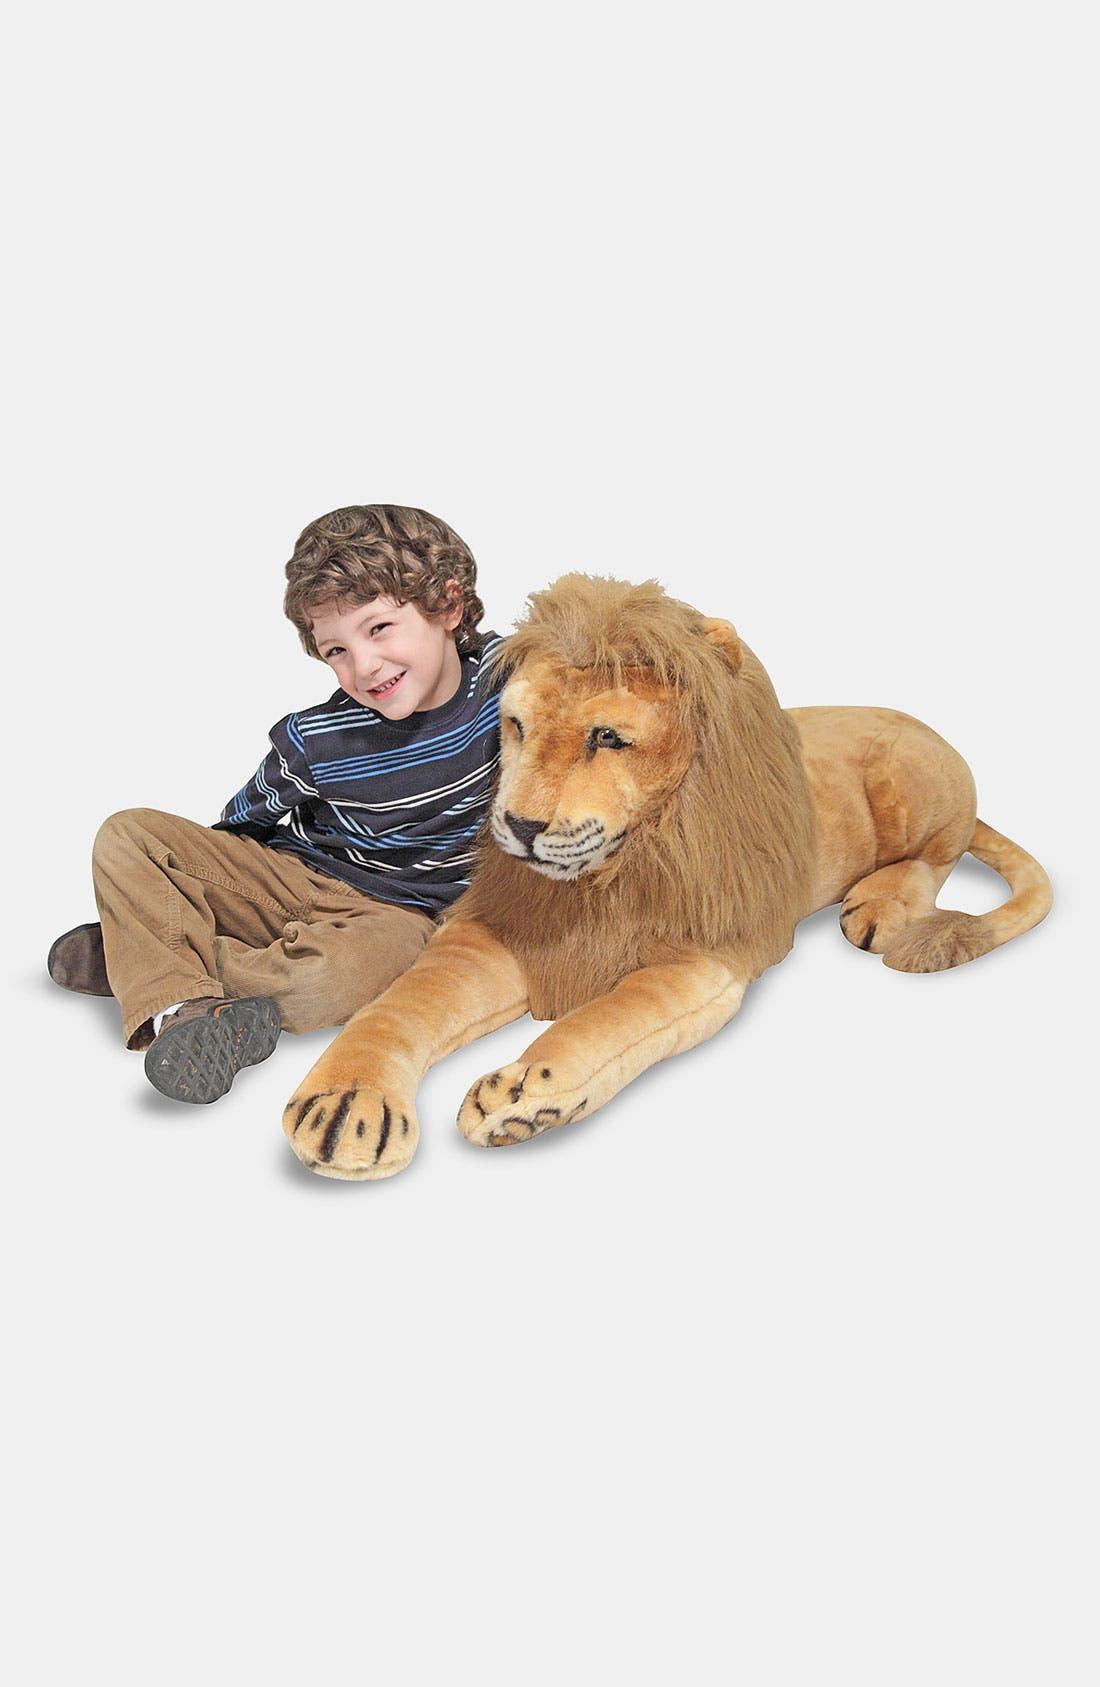 Alternate Image 1 Selected - Melissa & Doug Oversized Plush Stuffed Lion